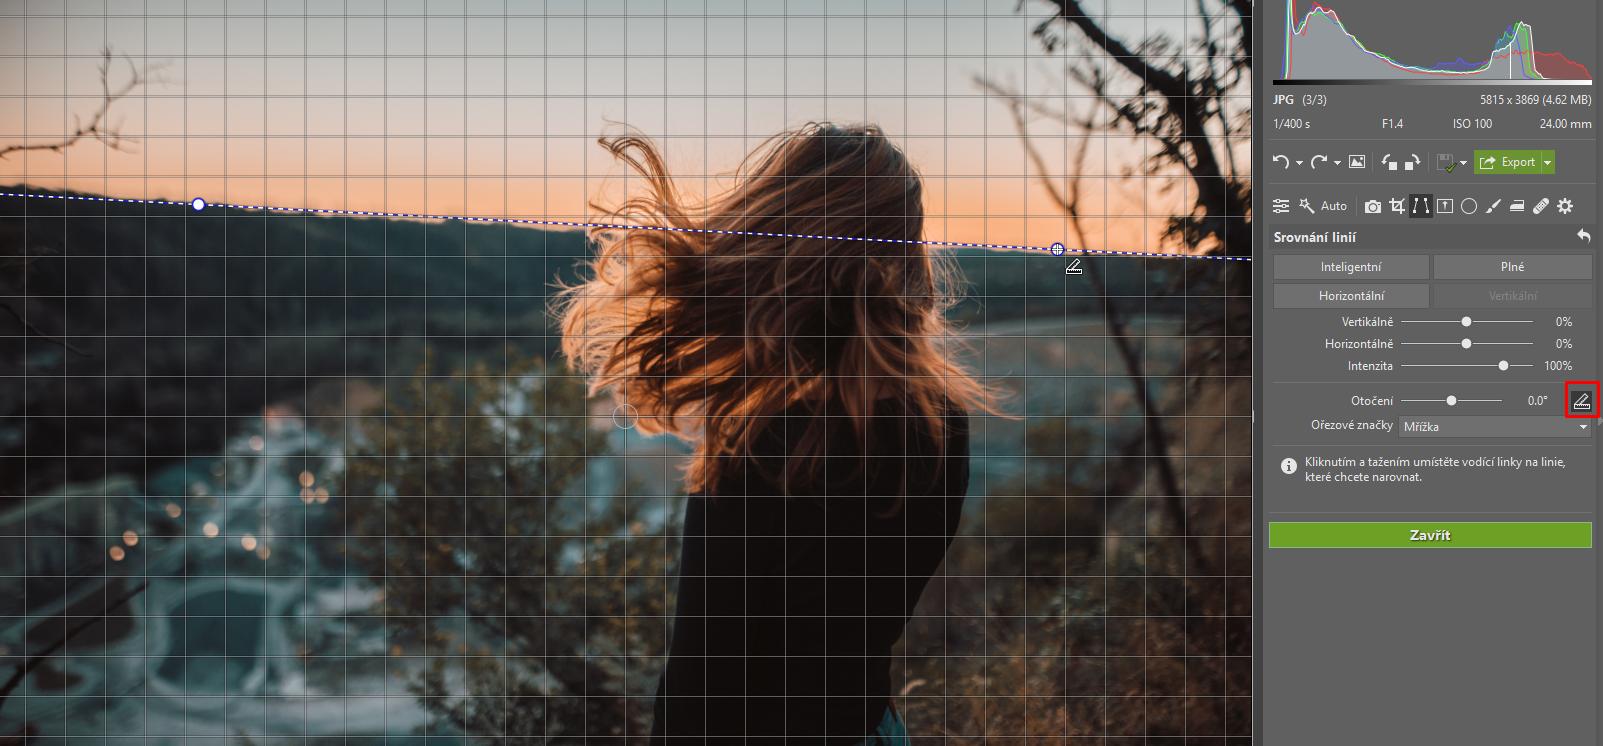 Fotografie nakřivo? Srovnejte si horizont a perspektivu - vodící linie